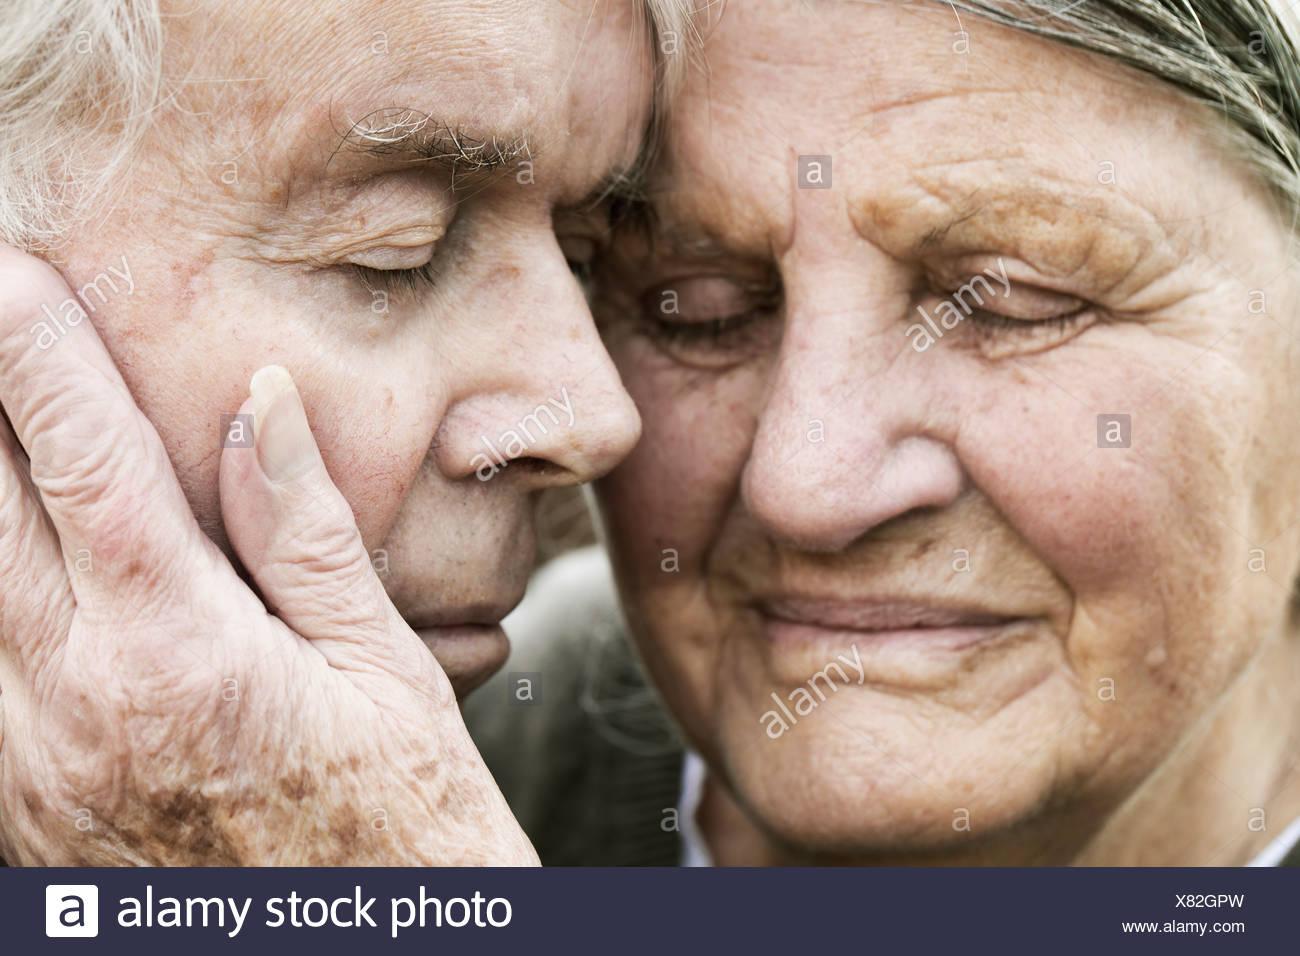 Porträt von älteres paar Kopf an Kopf mit geschlossenen Augen Stockbild